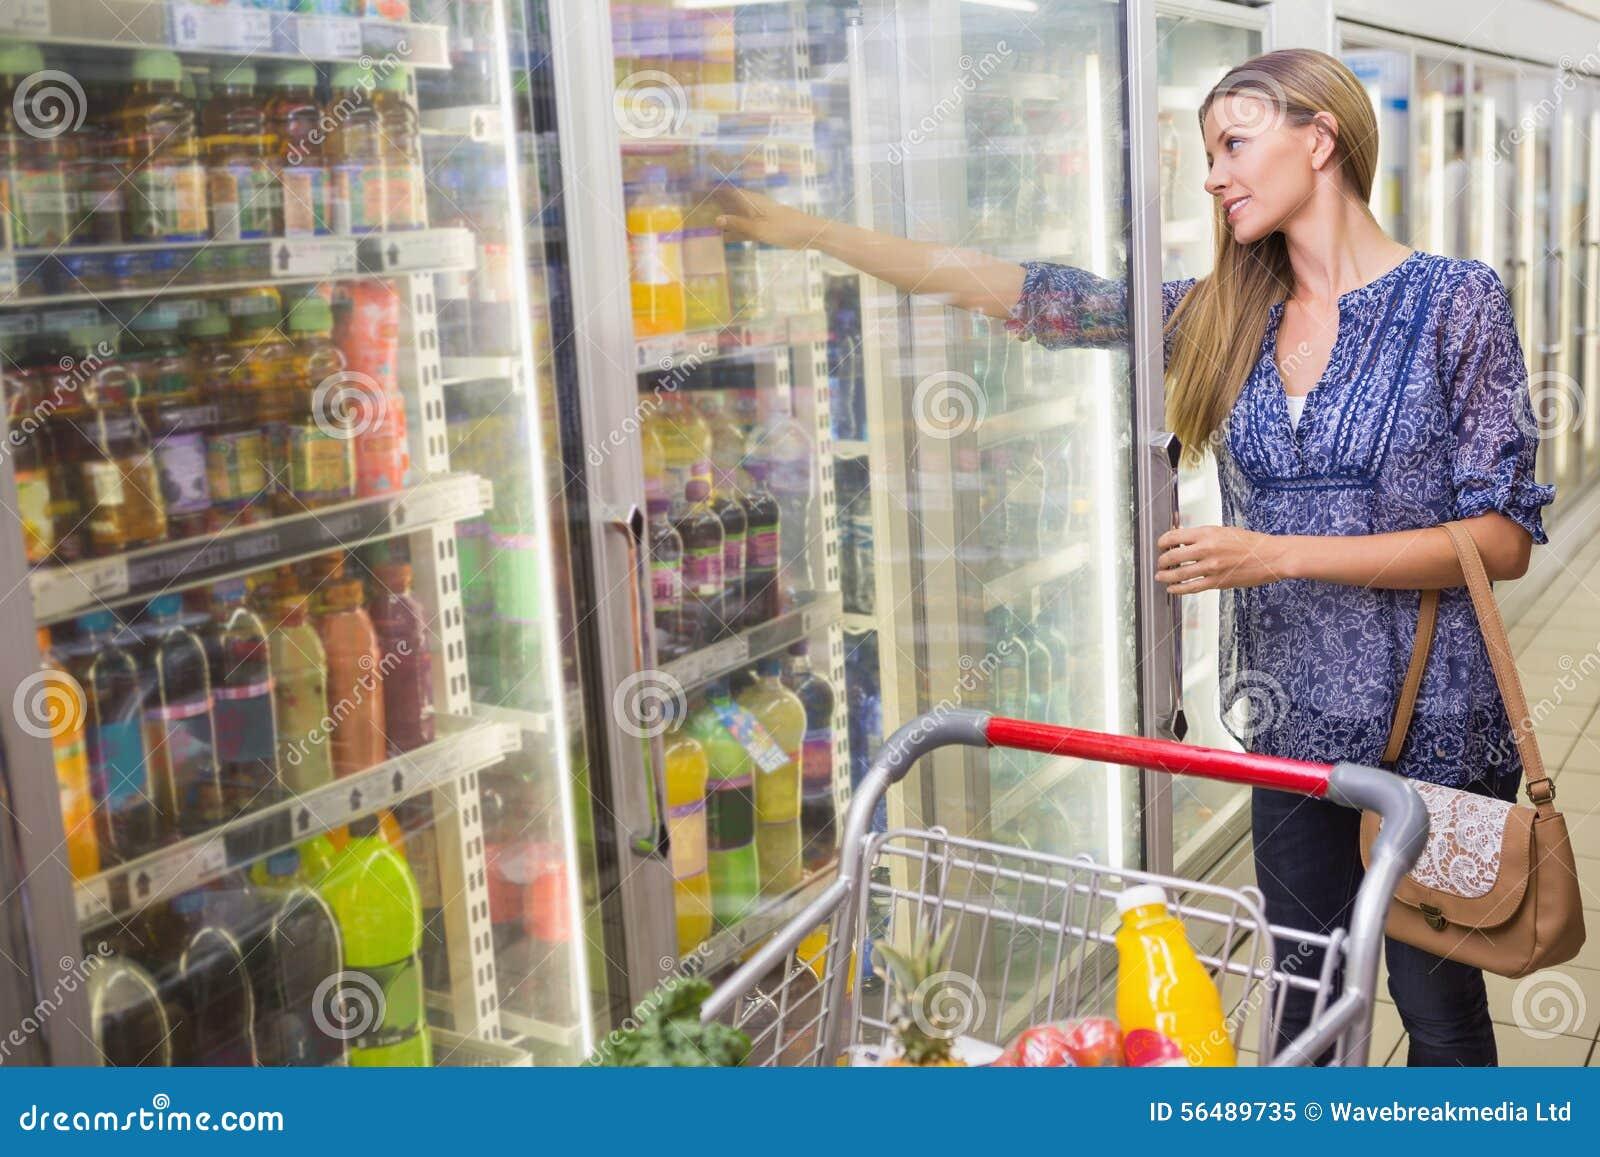 Une femme prenant une bouteille dans le bas-côté congelé